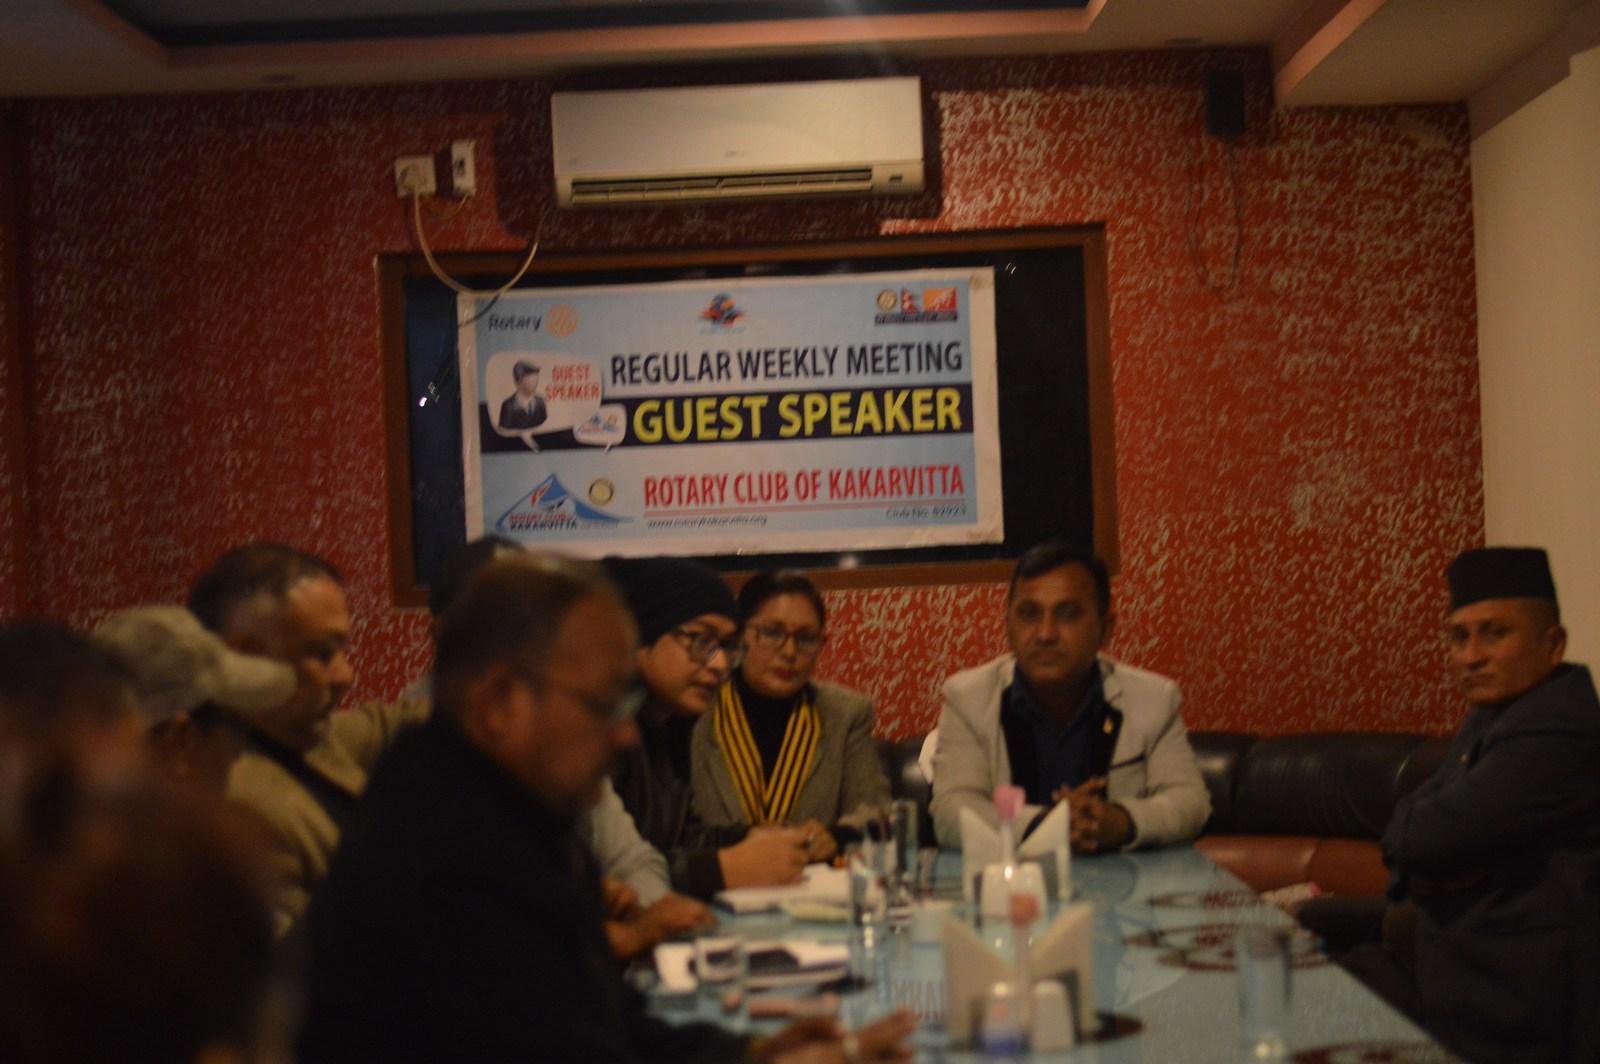 Guest-Speaker-Bishwa-Prakash-Sharma-Rotary-Club-of-Kakarvitta-46